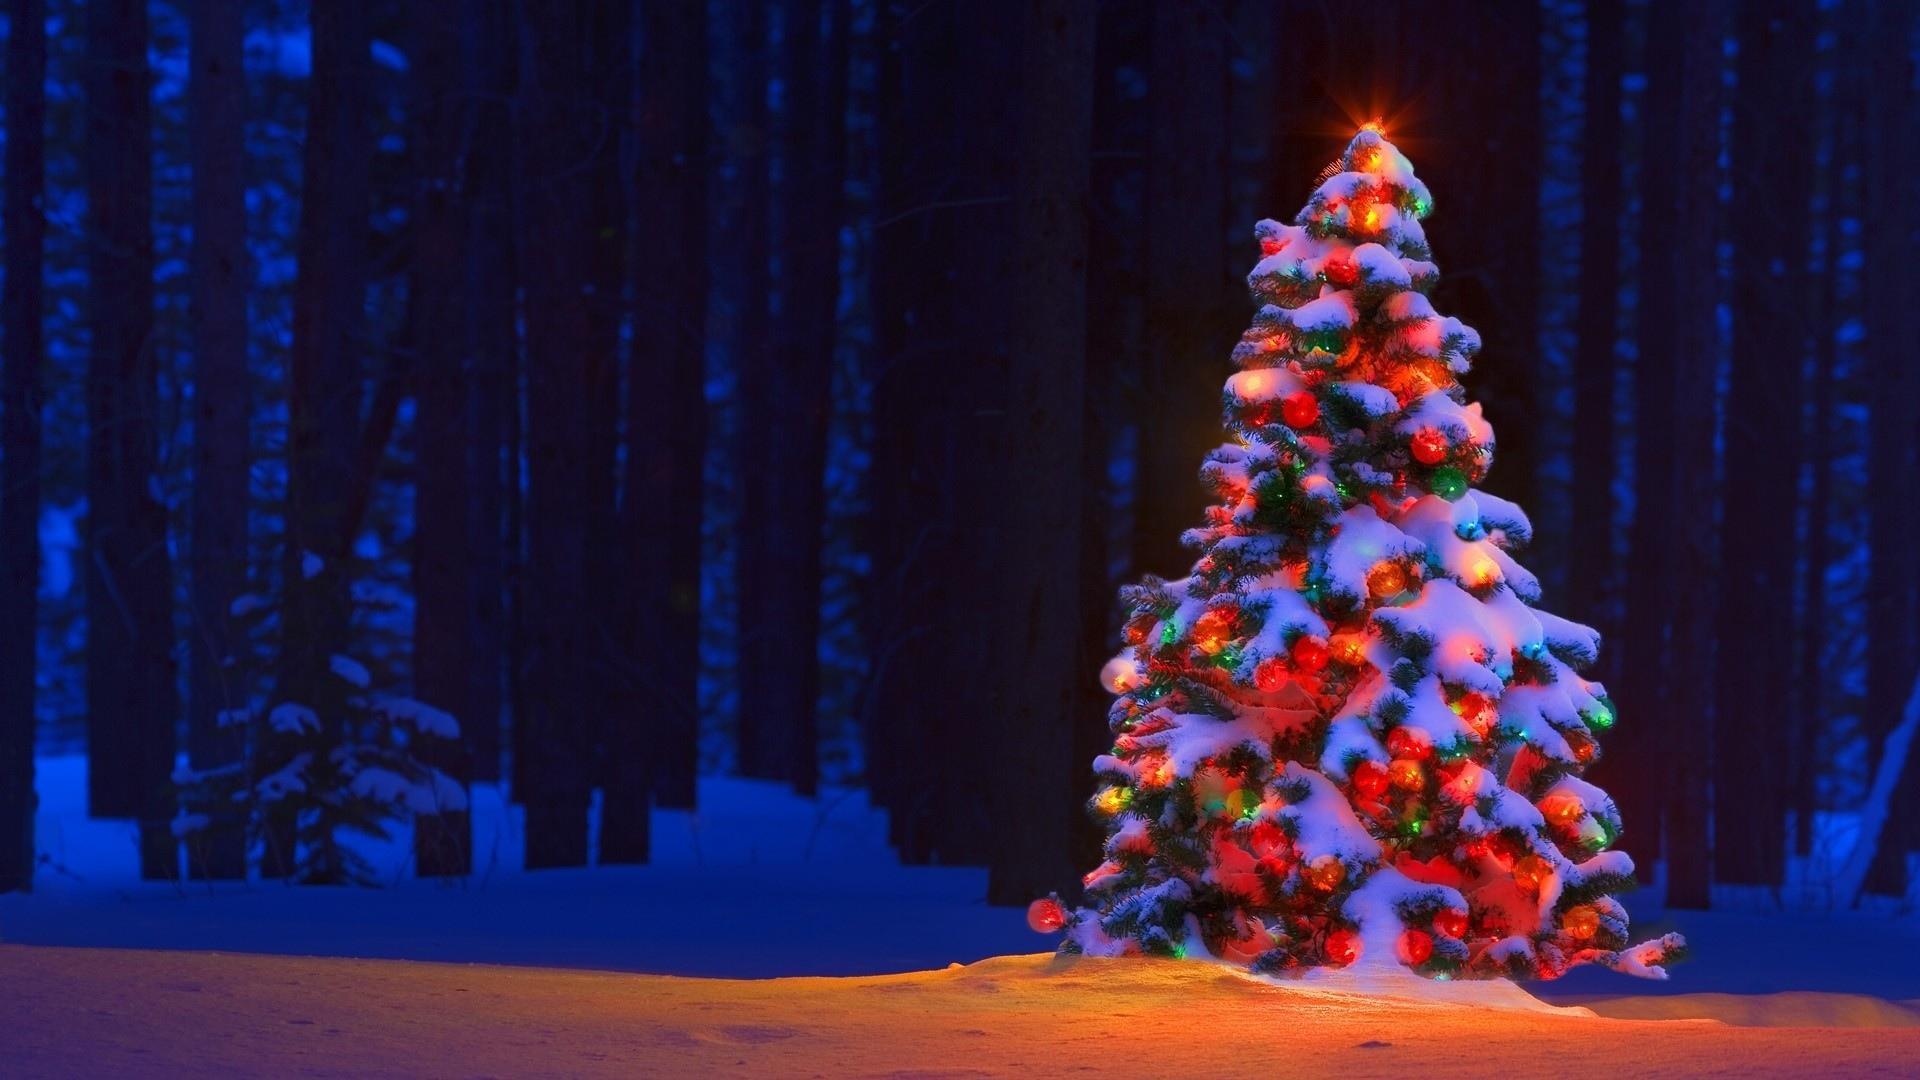 Лучшие обои для рабочего стола Новый год зима (15)